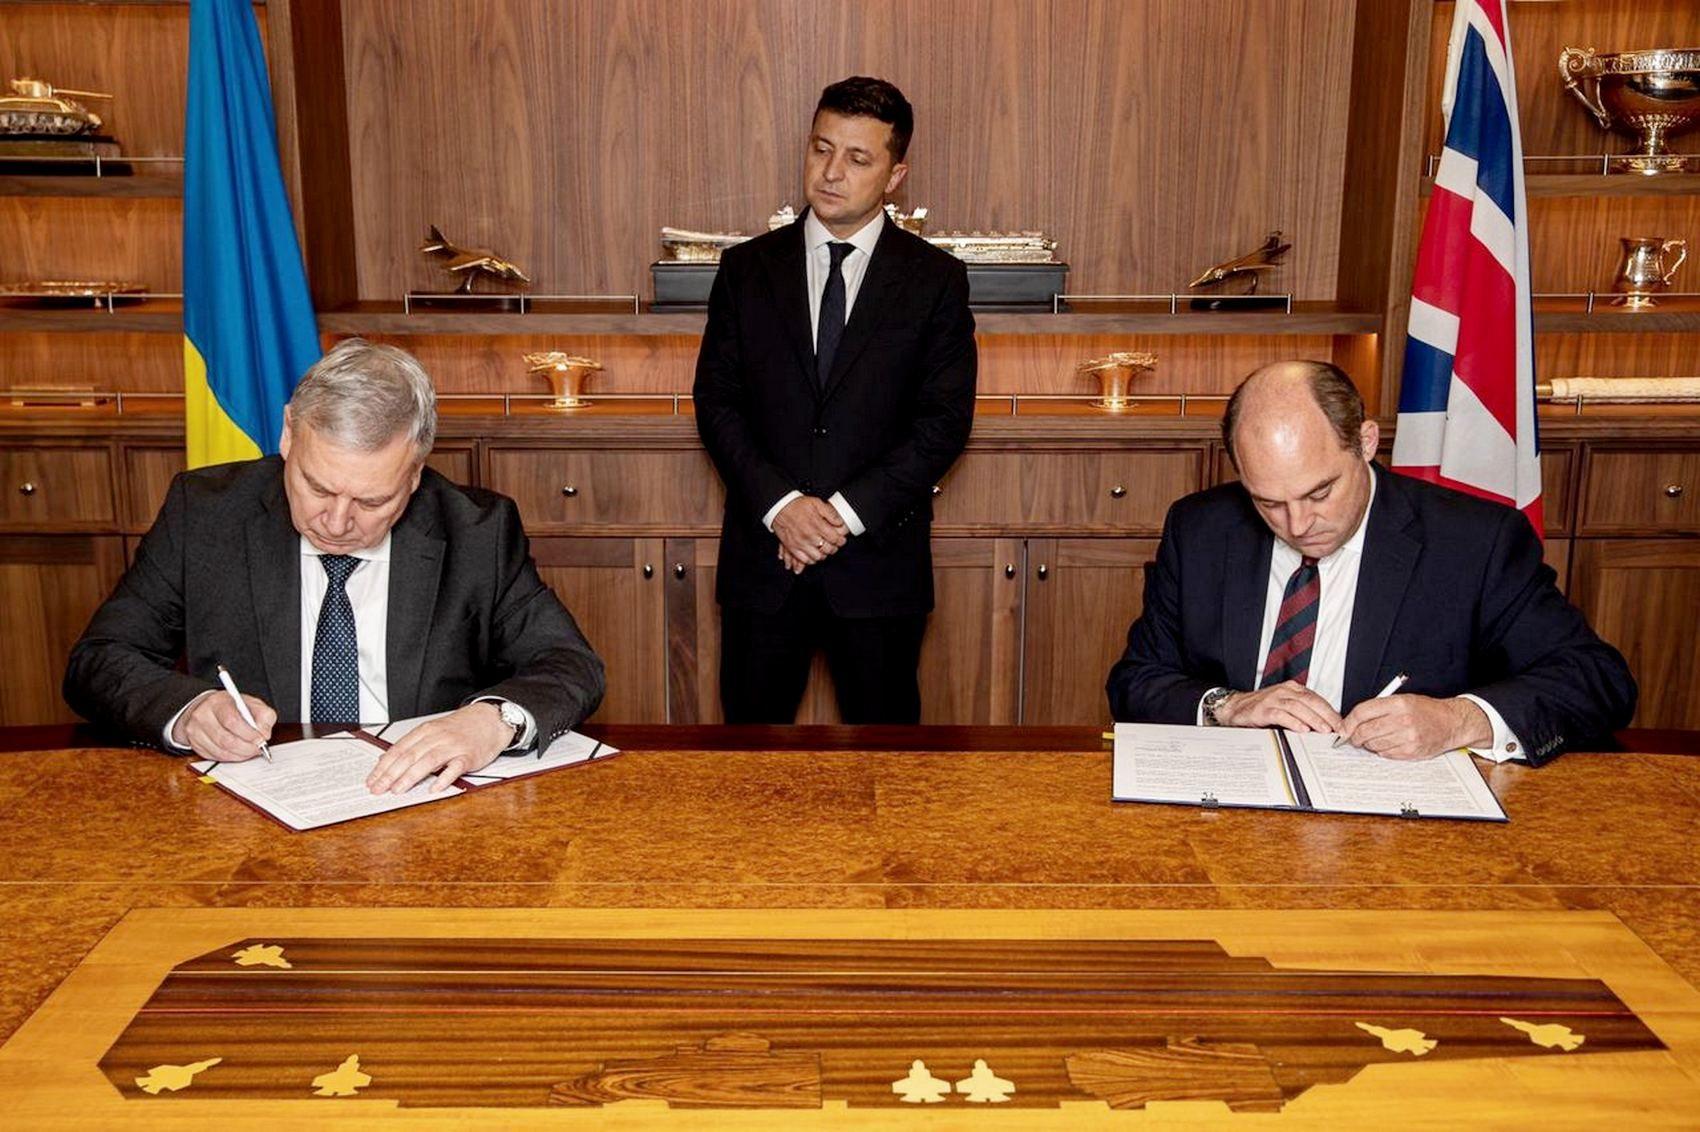 Британія надасть 1,6 млрд доларів позики для підвищення безпеки на півдні України